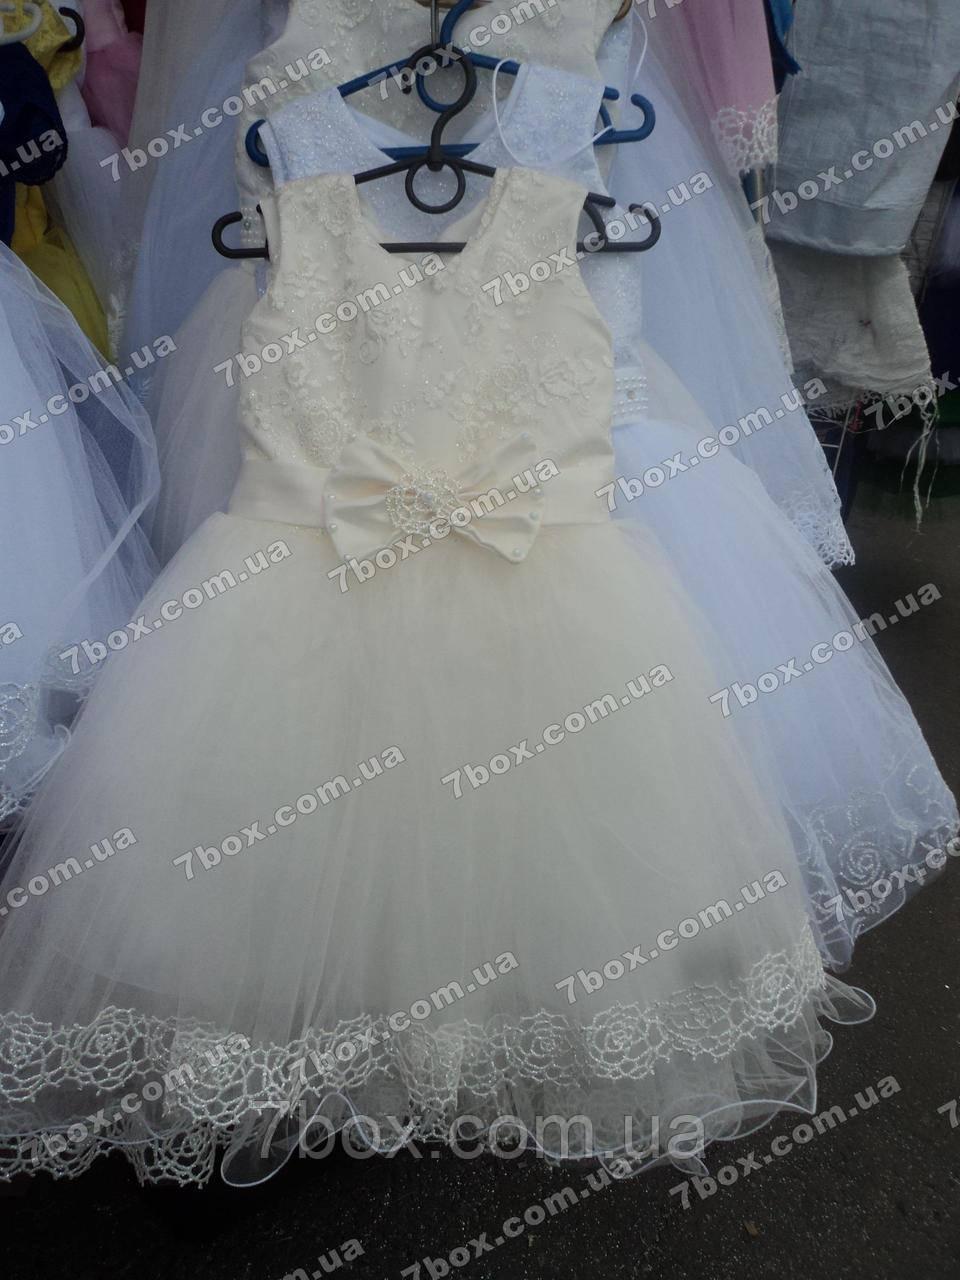 Дитяче бальне плаття Принадність (молочне) Вік 4-5 років.